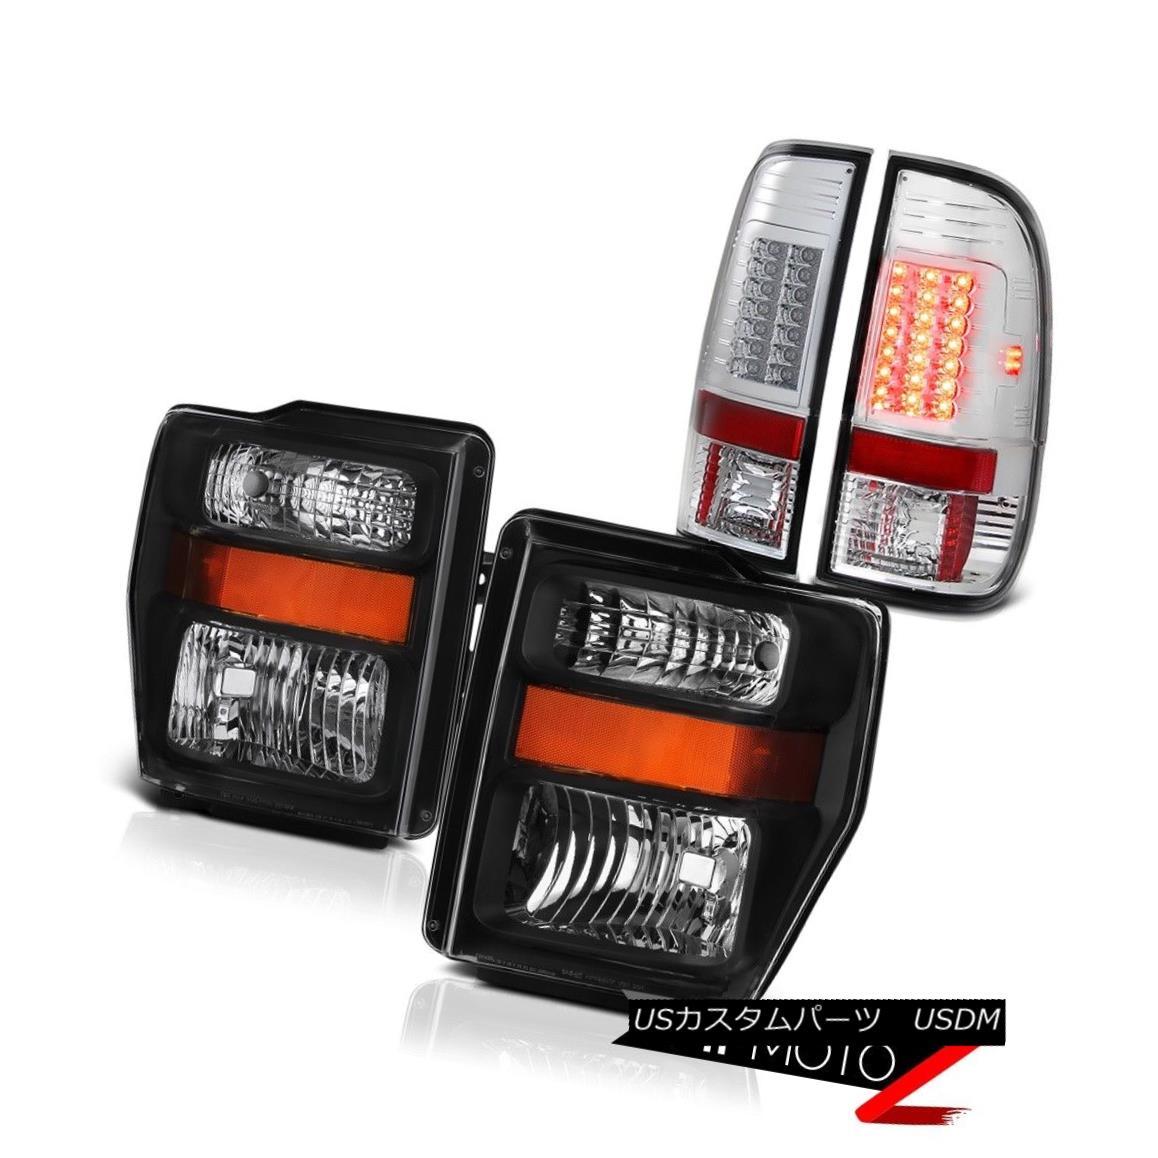 テールライト F250 F350 Super Duty Ultra Bright LED Chrome Tail Light Black Headlight Headlamp F250 F350スーパーデューティーウルトラブライトLEDクロームテールライトブラックヘッドライトヘッドランプ